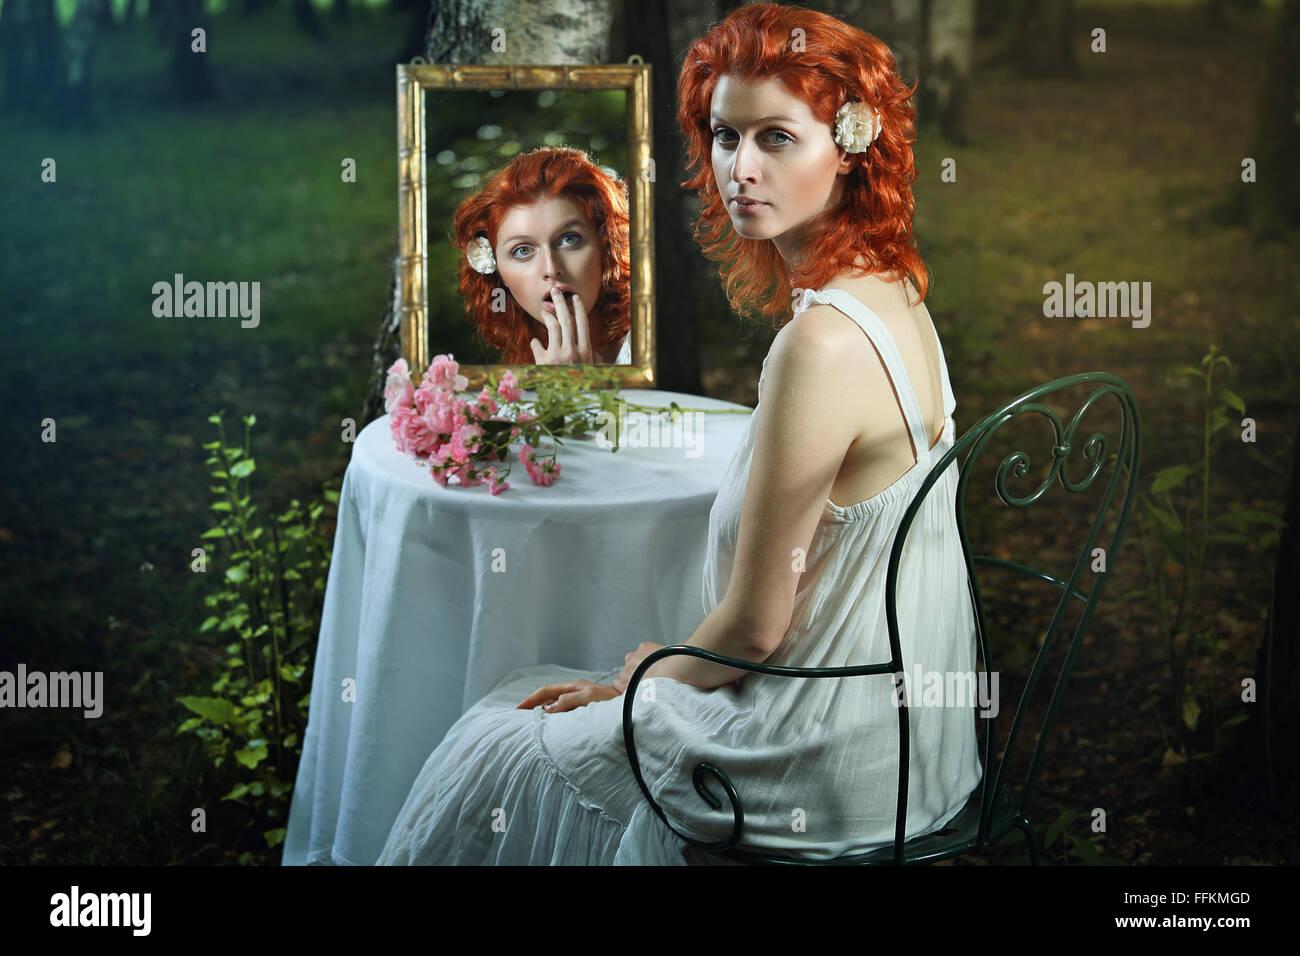 Schockiert Ausdruck in eine seltsame Spiegel. Surreal und Fantasie-Konzept Stockbild